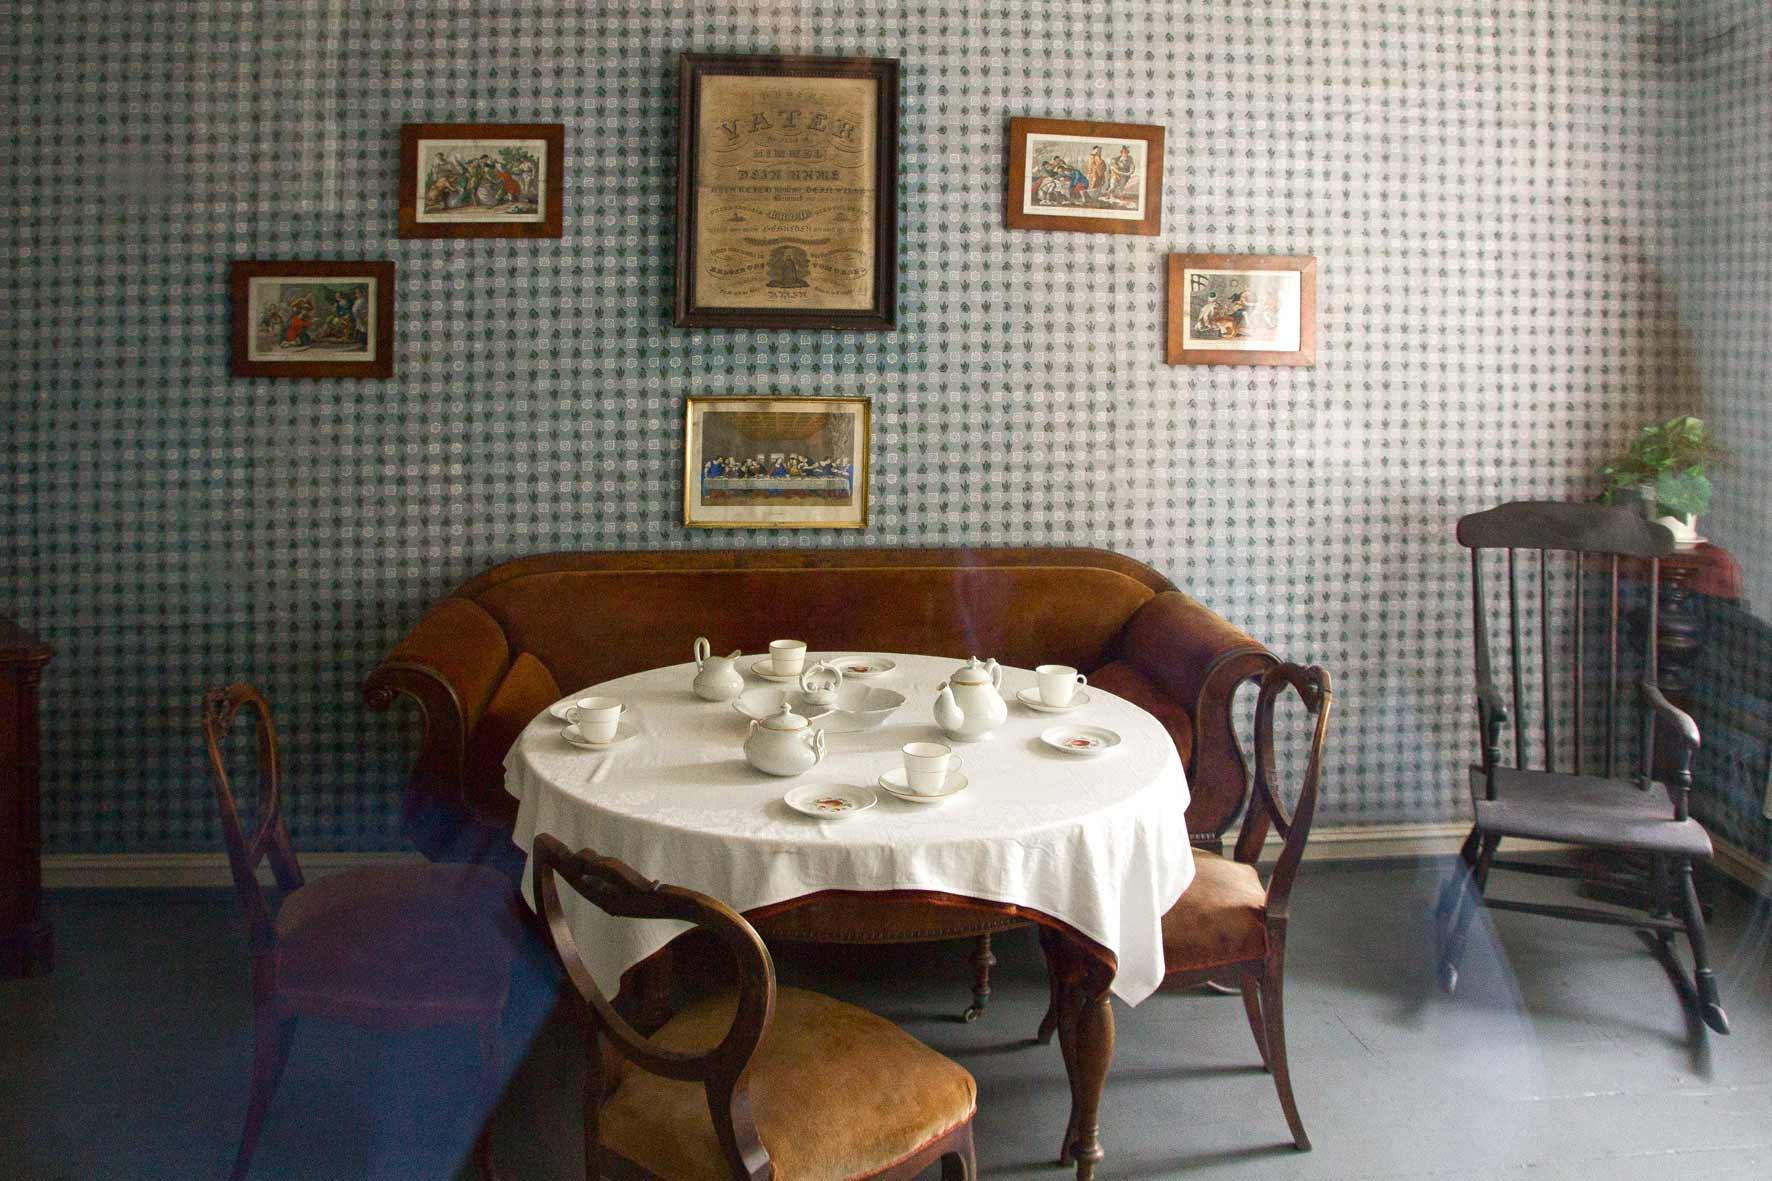 Privates Wohnzimmer in Gamle Bergen